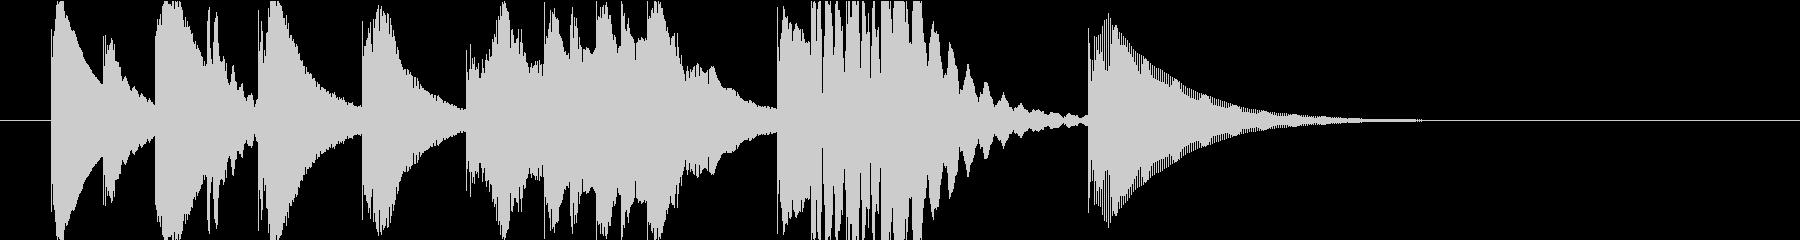 マリンバの間抜けなジングルの未再生の波形